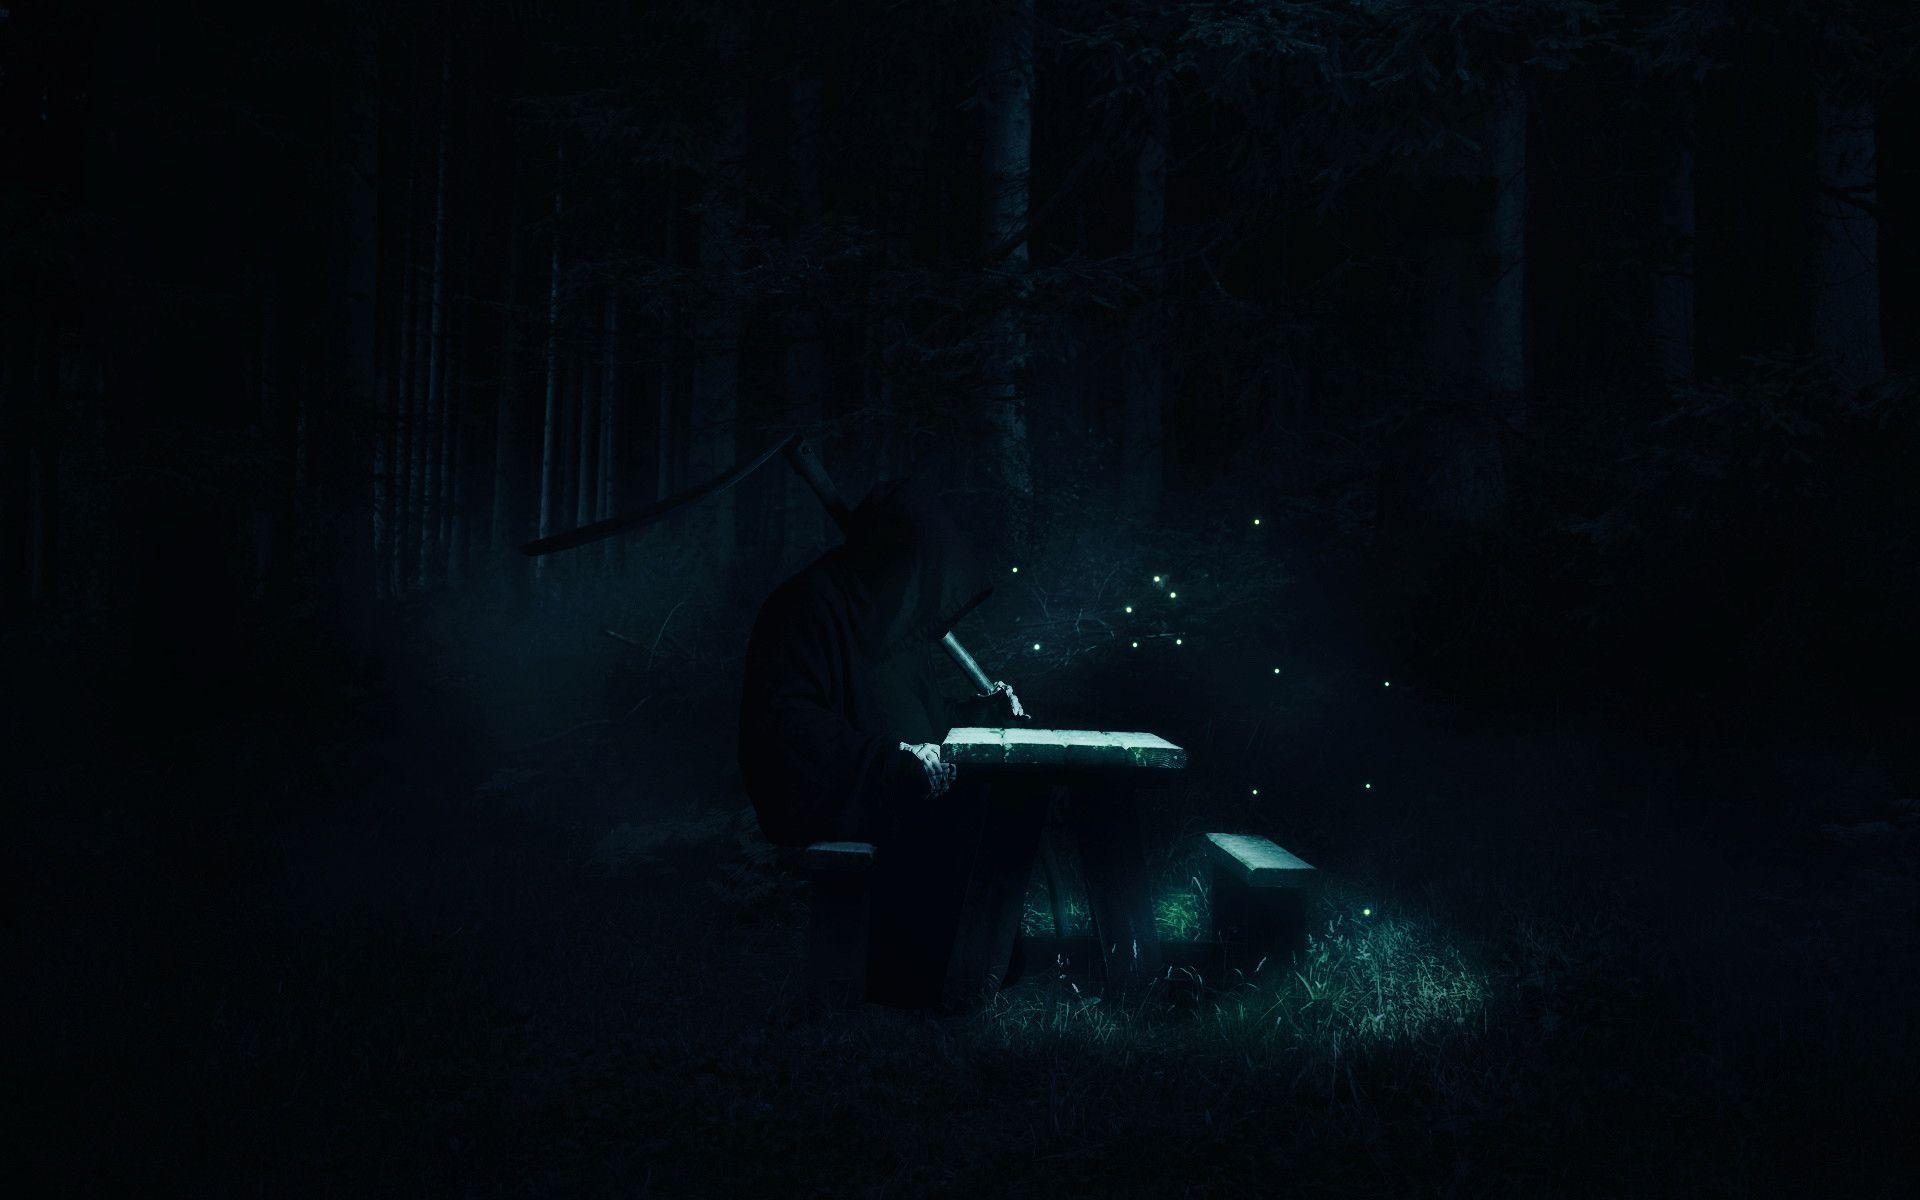 Pin Fireflies Wallpaper on Pinterest